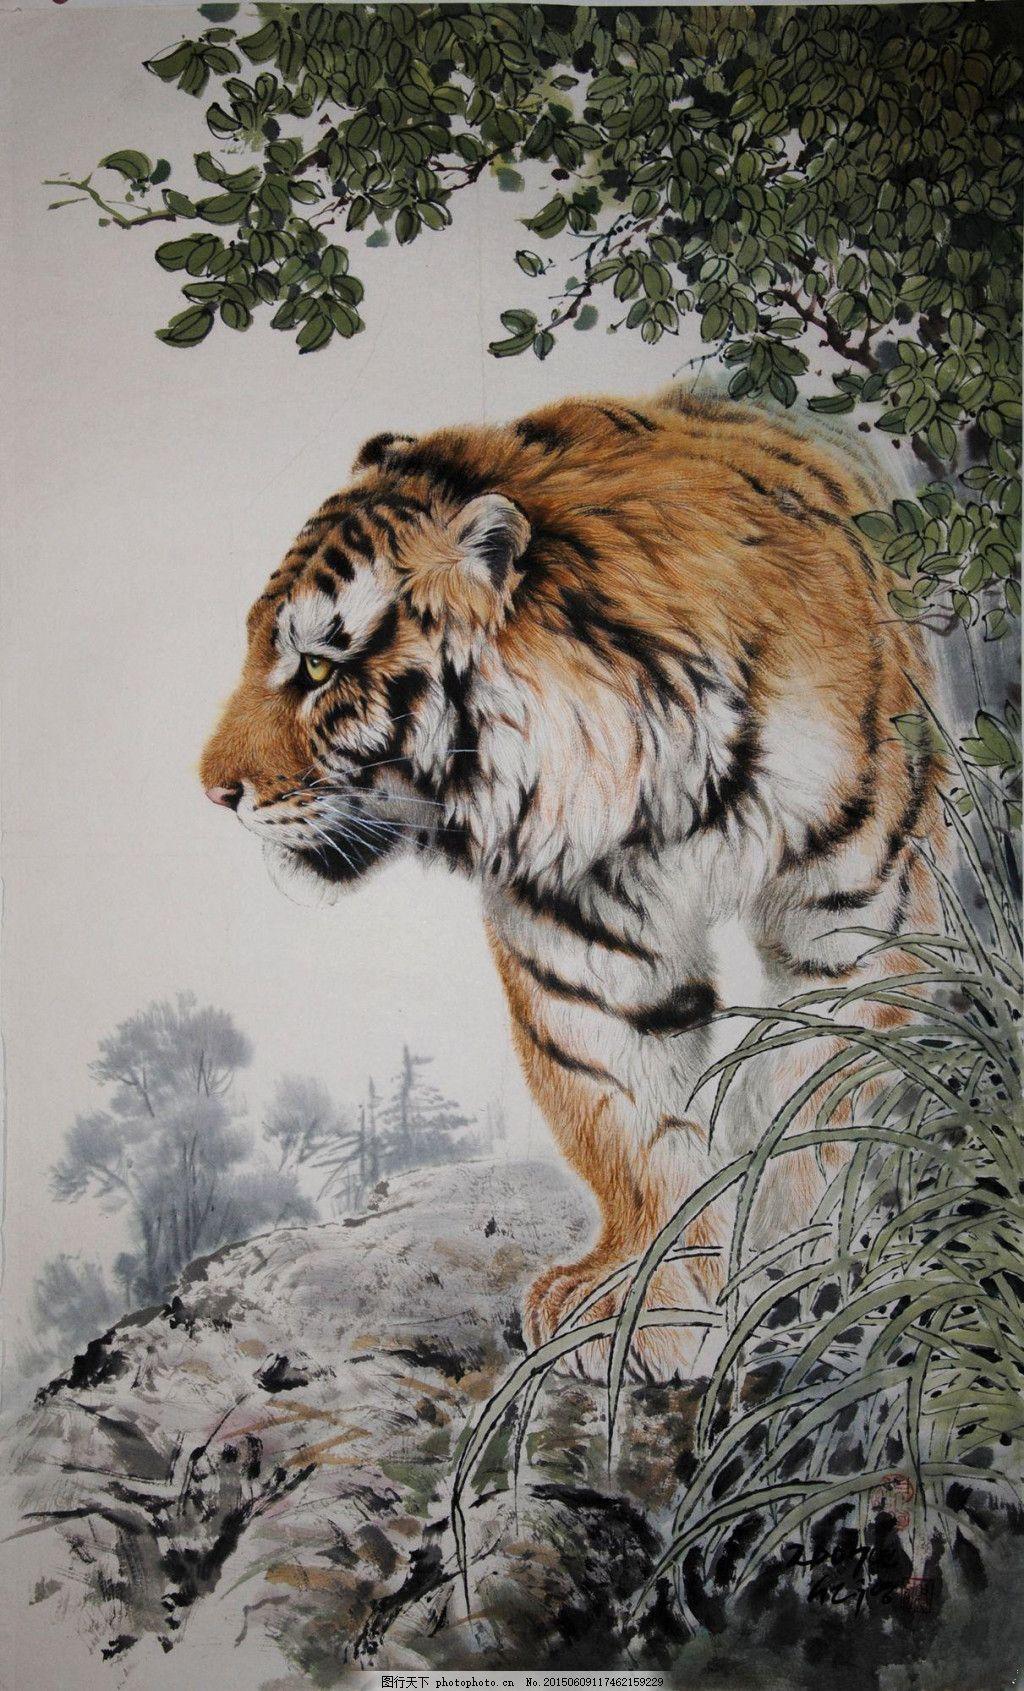 国画虎 花鸟走兽 工笔 现代 国画艺术 文化艺术 绘画书法 灰色